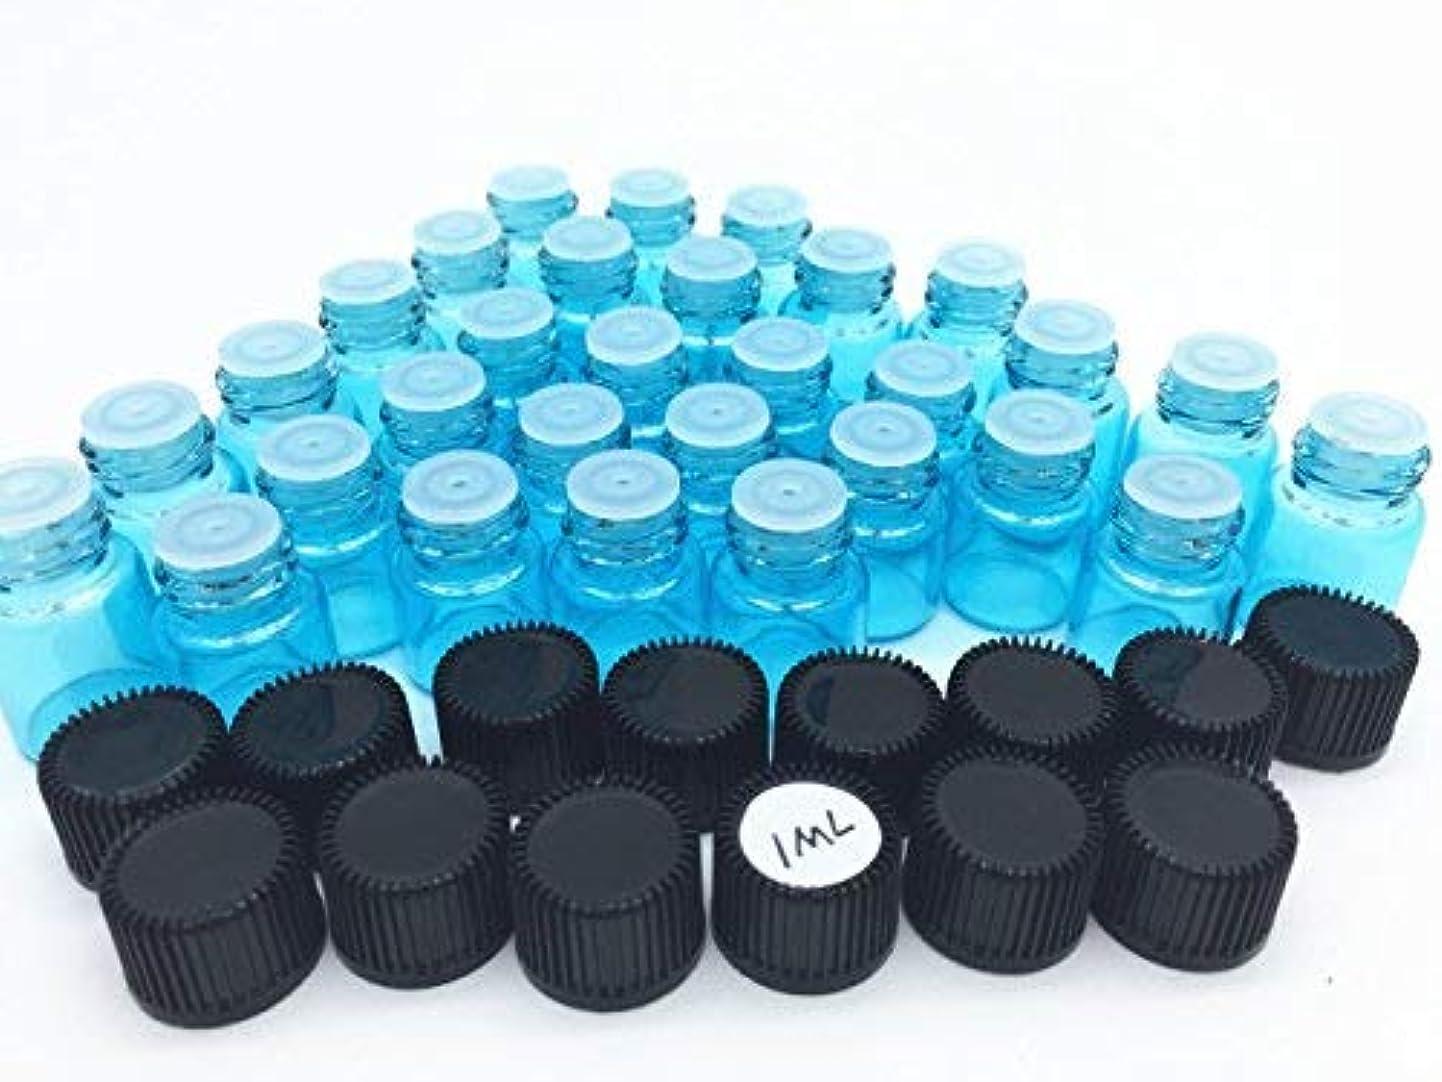 幸運なエミュレートする面倒Elufly 100pc 1ML/2ML Sky Blue Glass Vials 6 Parts Essential Oil Reagent Bottles (100pc 1ML) [並行輸入品]